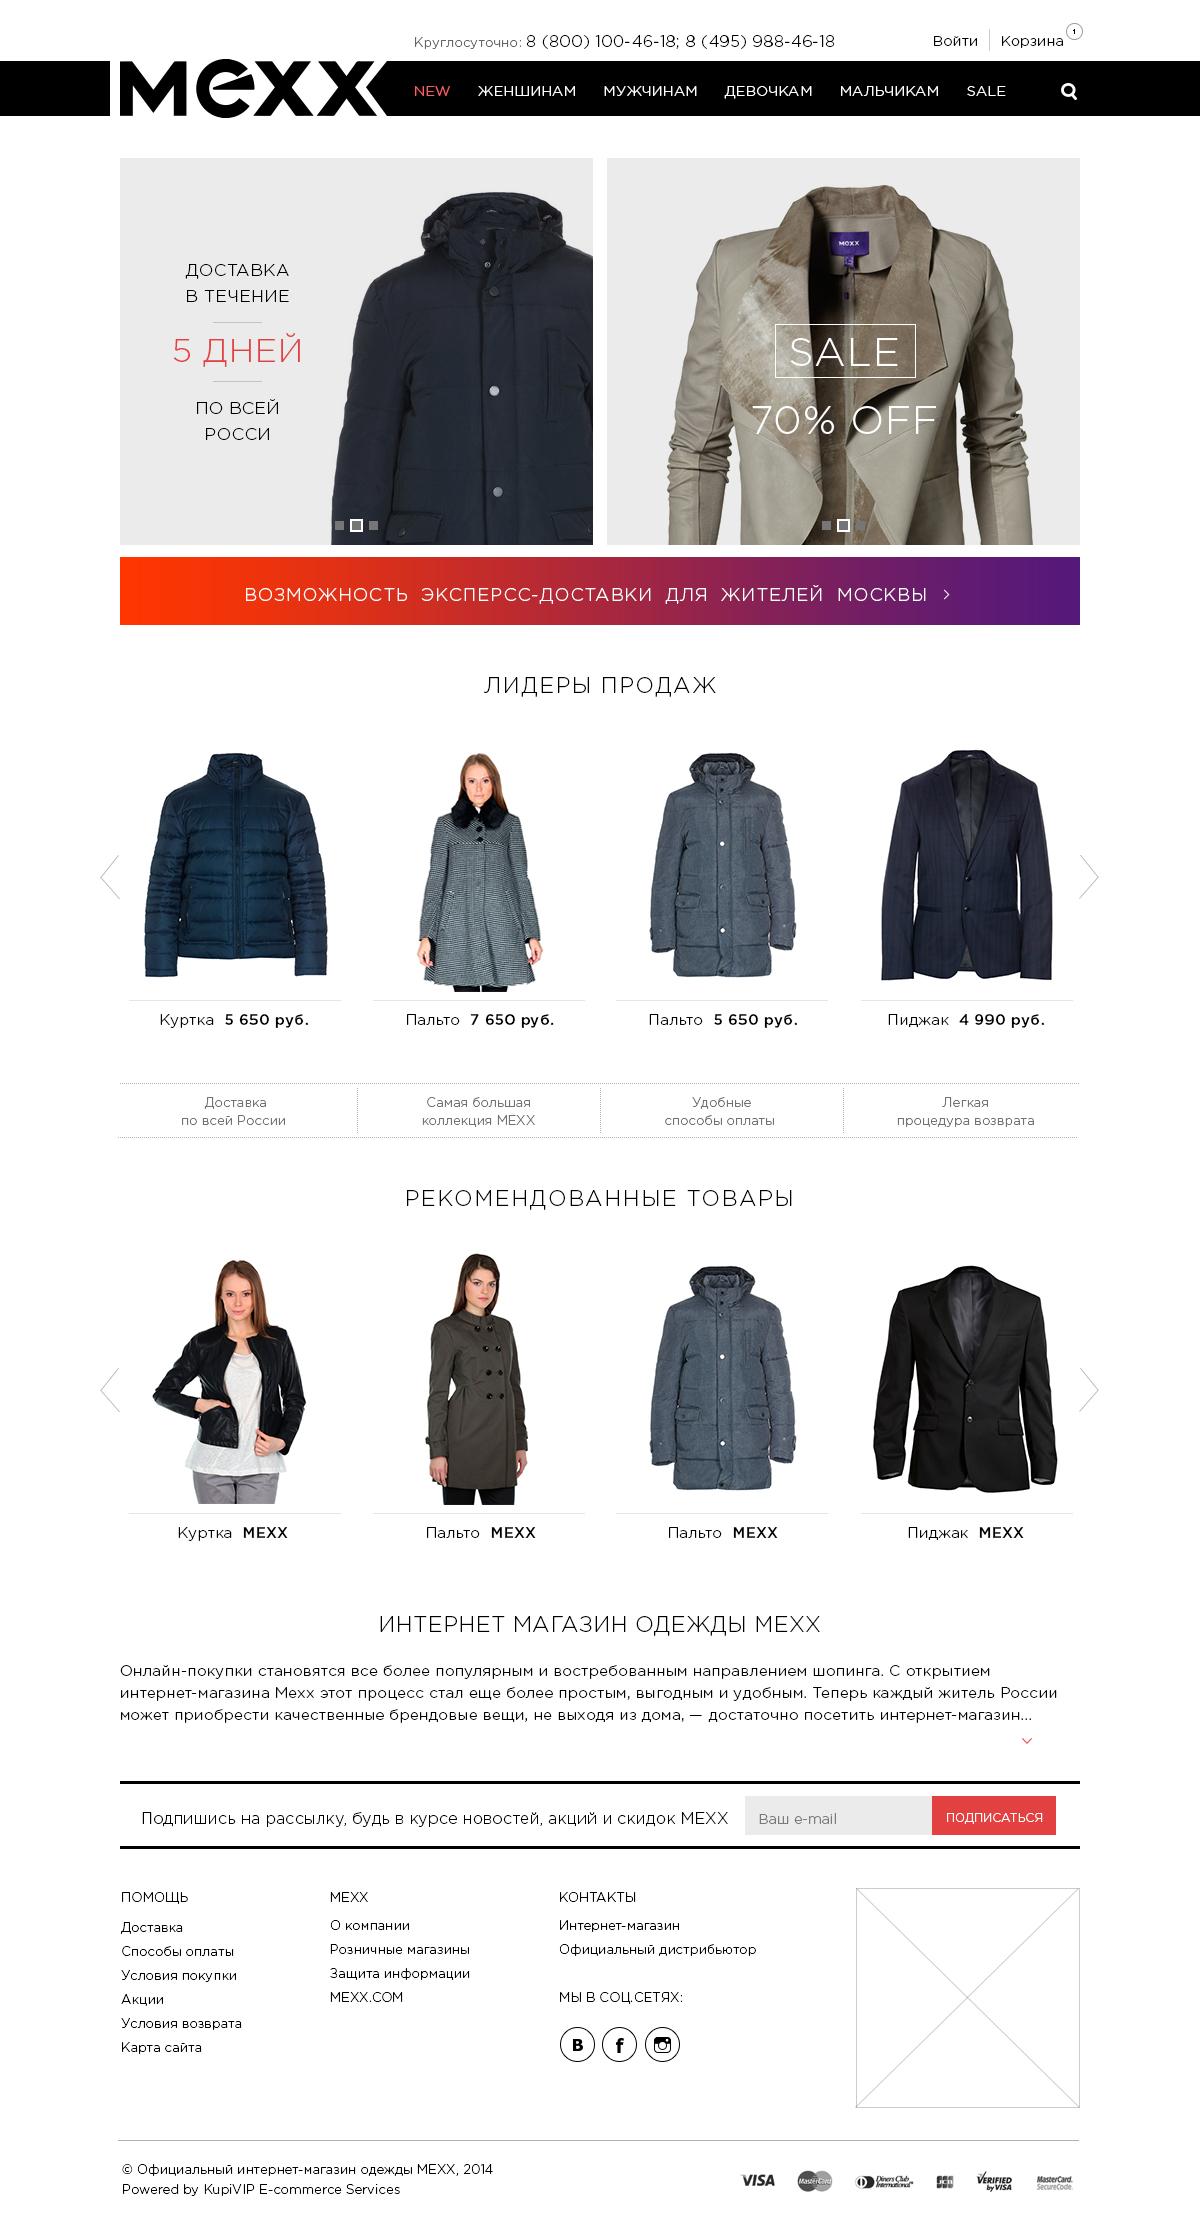 Дизайн интернет-магазина одежды «Mexx» (конкурс)